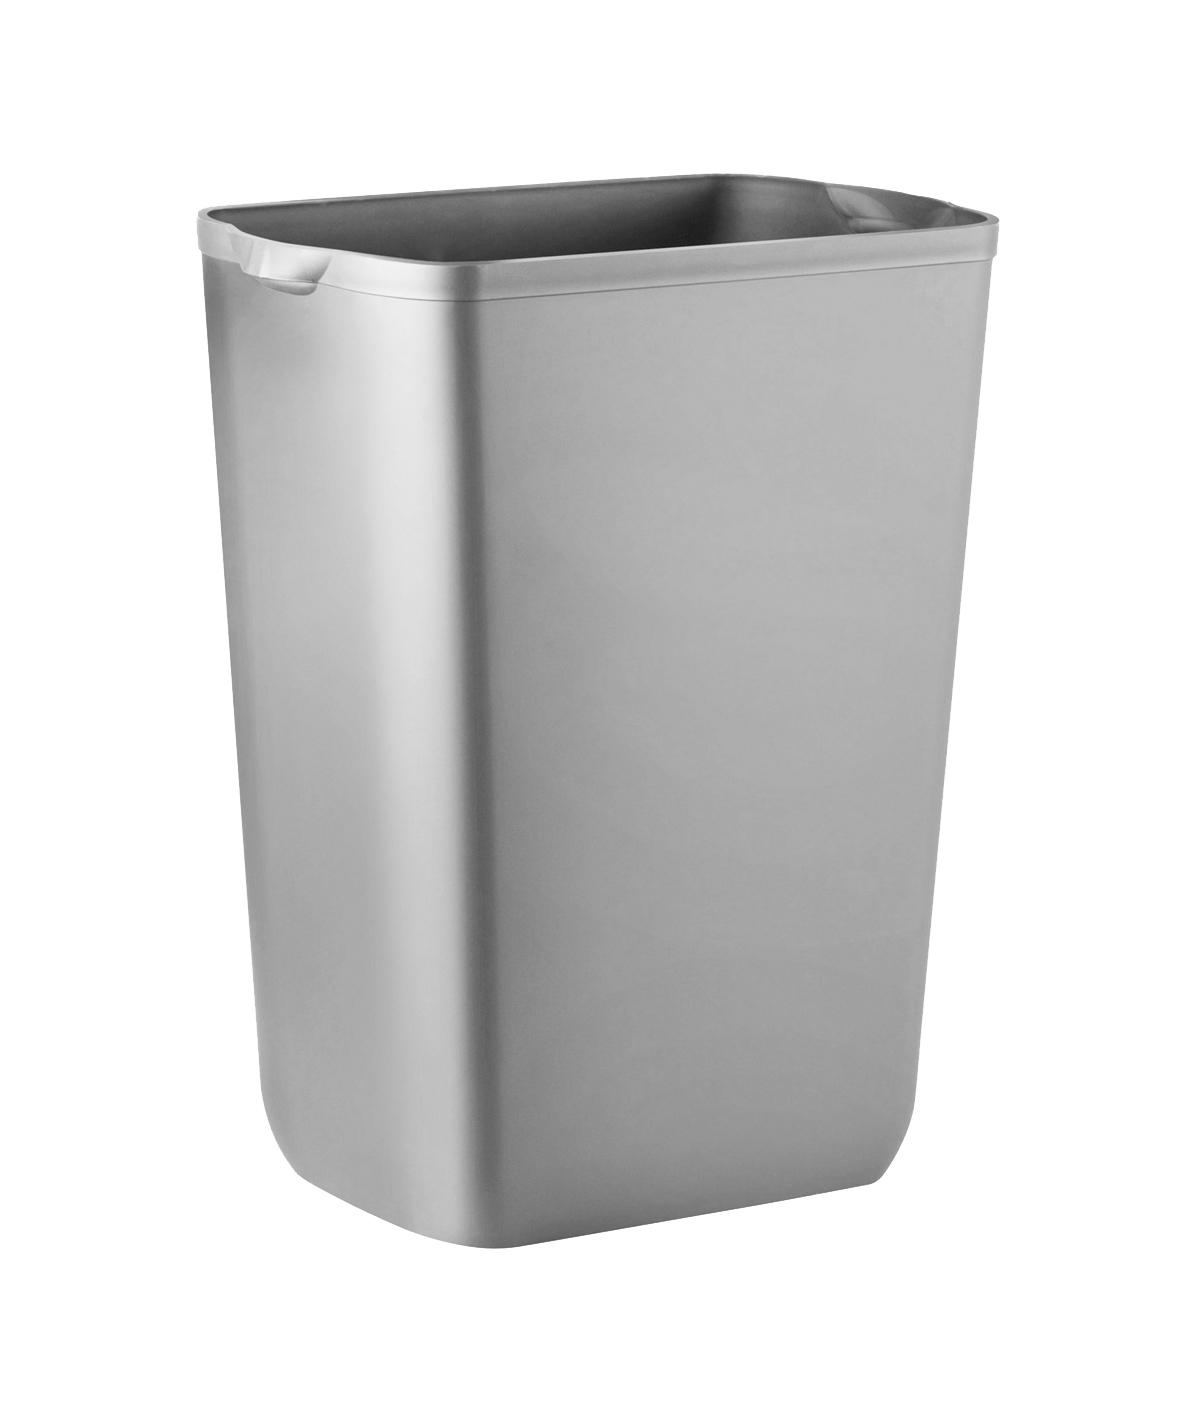 Marplast Soft touch prügikast 23L, seinale kinn.,satiin kastis 6tk